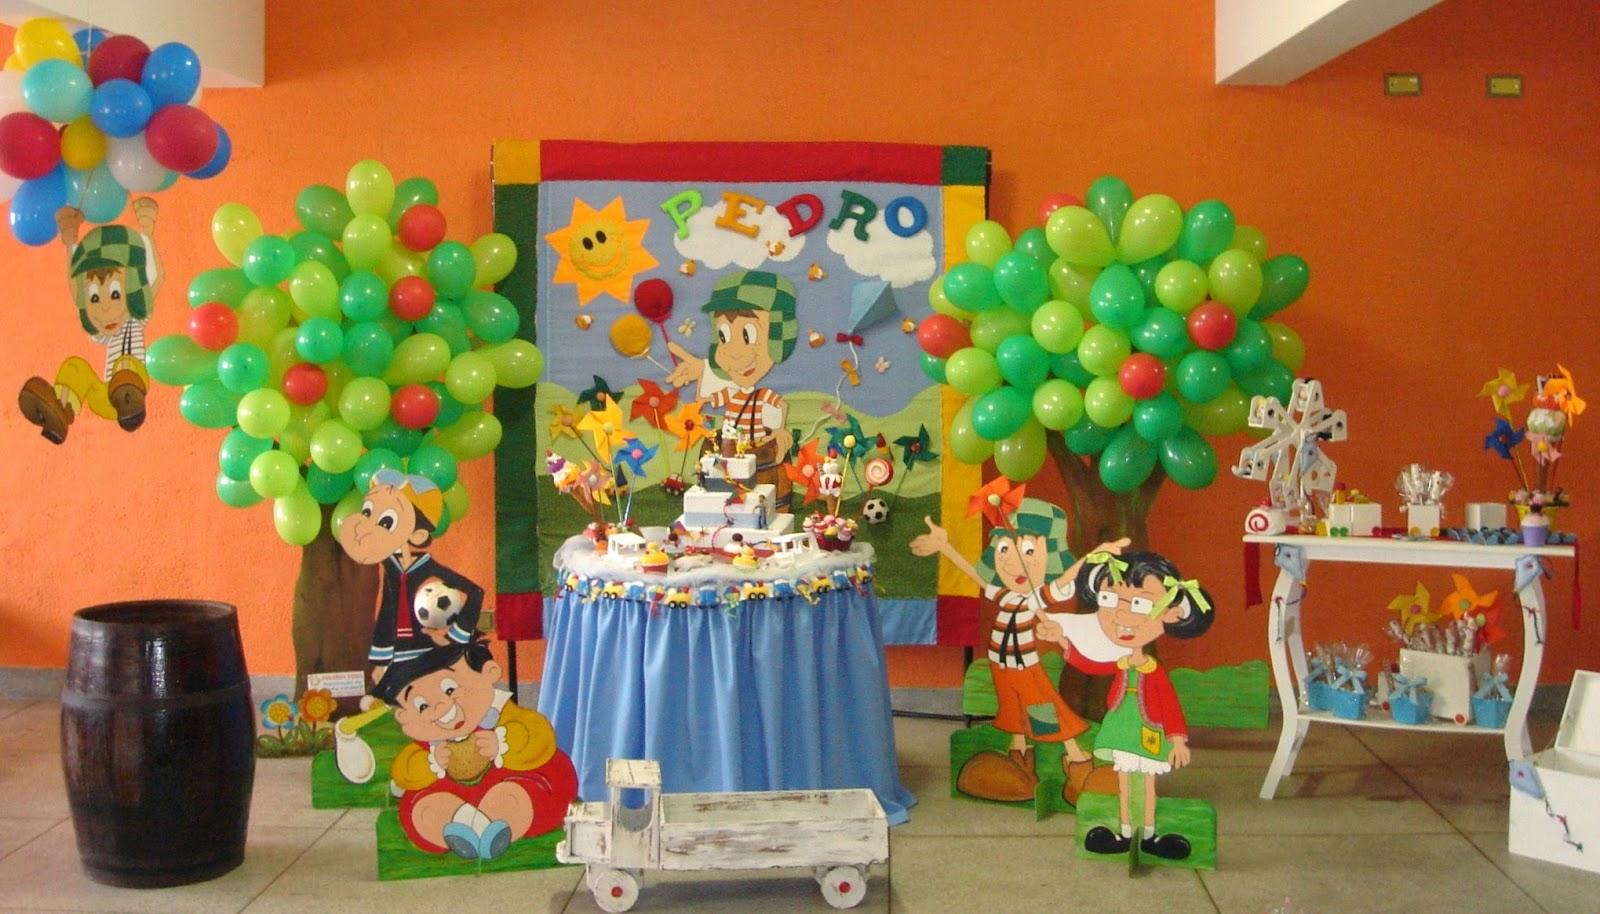 DE FESTA INFANTIL Decoração Turma do Chaves Pedro  6 anos